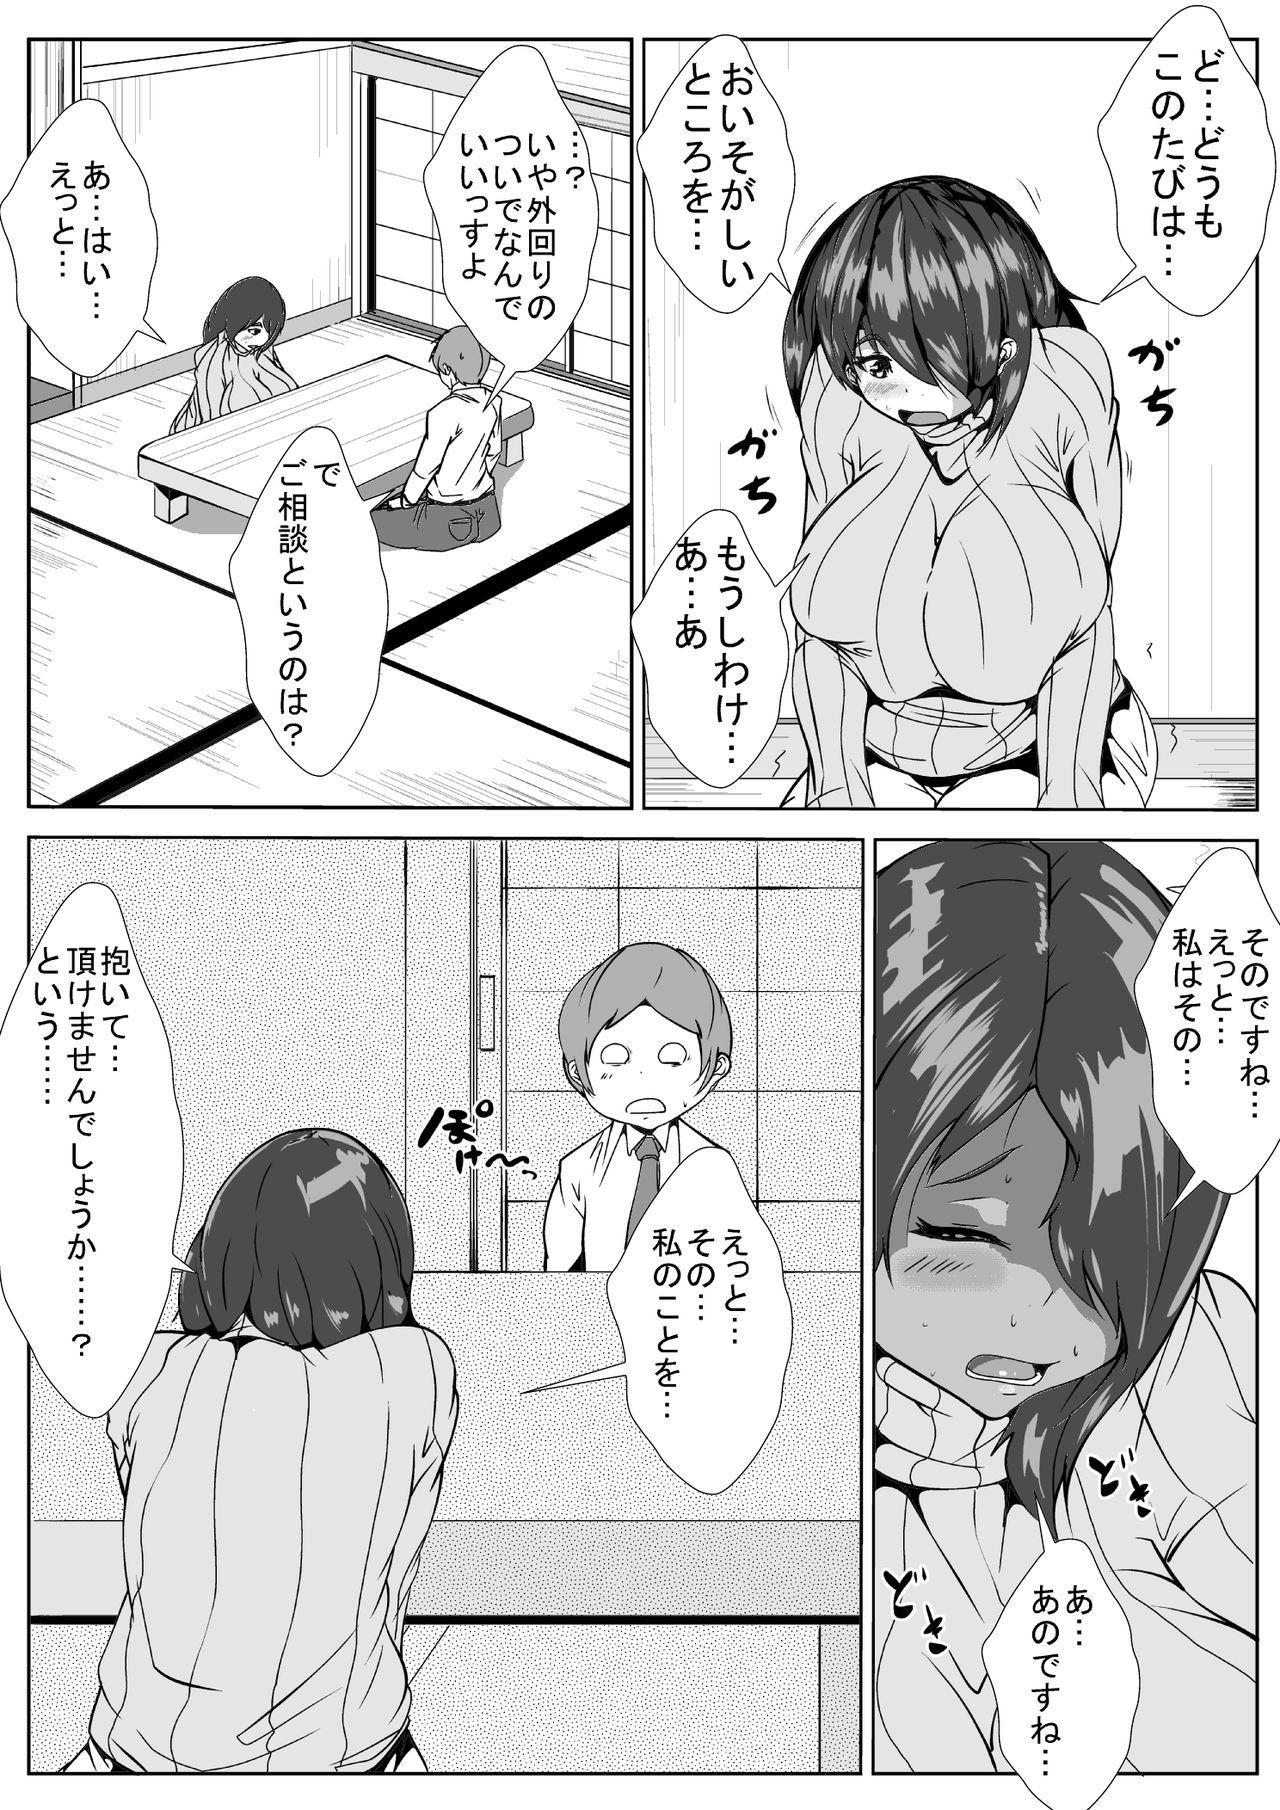 Aniki no Yome o Haramaseru 3